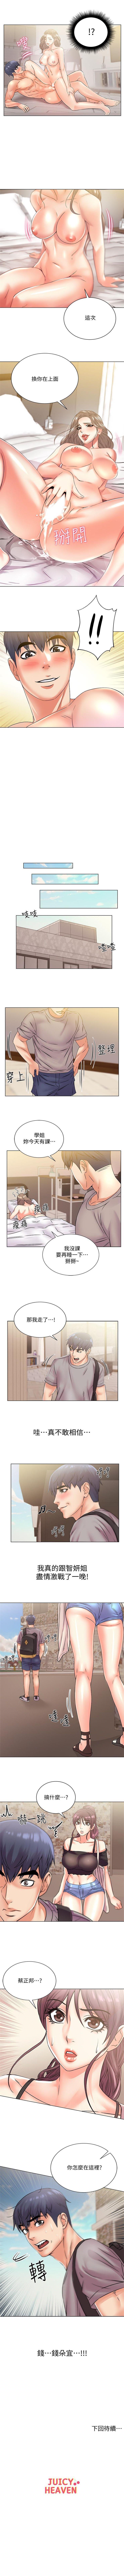 (週3)超市的漂亮姐姐 1-22 中文翻譯(更新中) 109